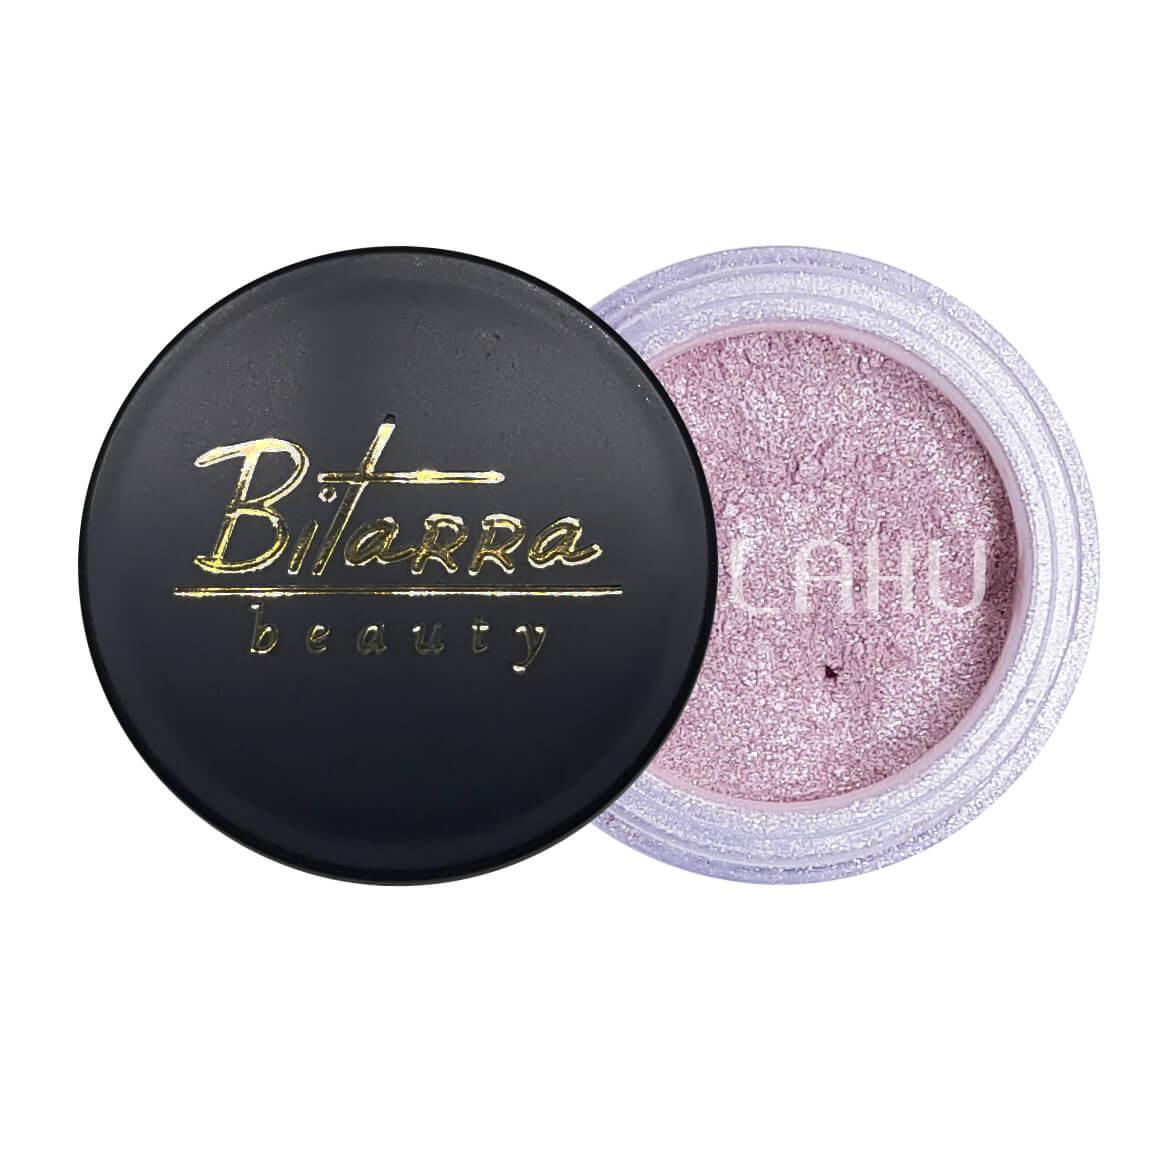 Pó Facial iluminador 07 Bitarra Beauty